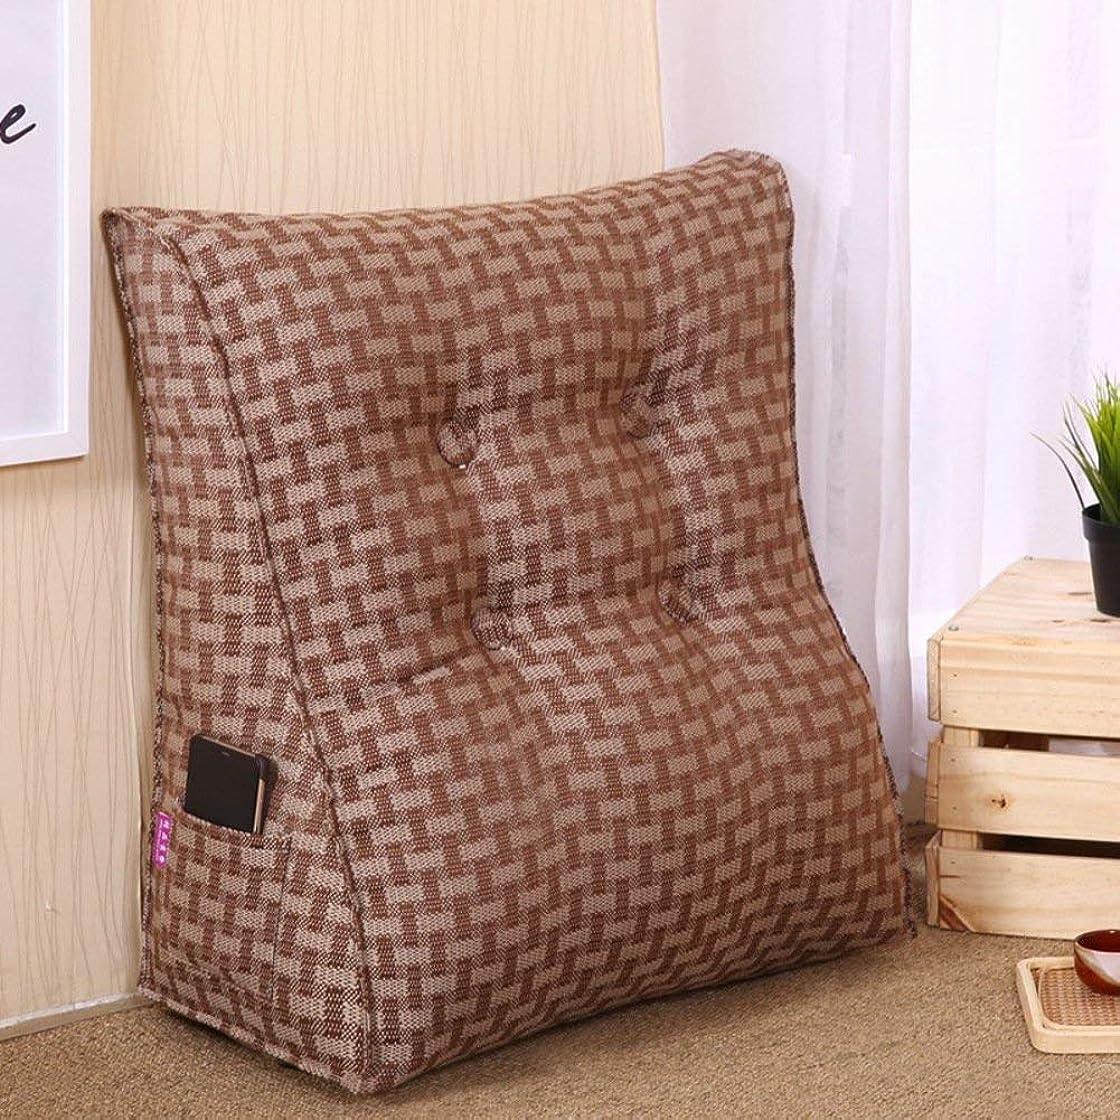 絞る侵入する権威2J-QingYun Trade ベッドサイド三角ウェッジ、背もたれクッション枕ソファ枕ウエストクッションマット取り外し可能な背もたれクッション (Color : C, サイズ : 60x55x25cm(24x22x10inch))